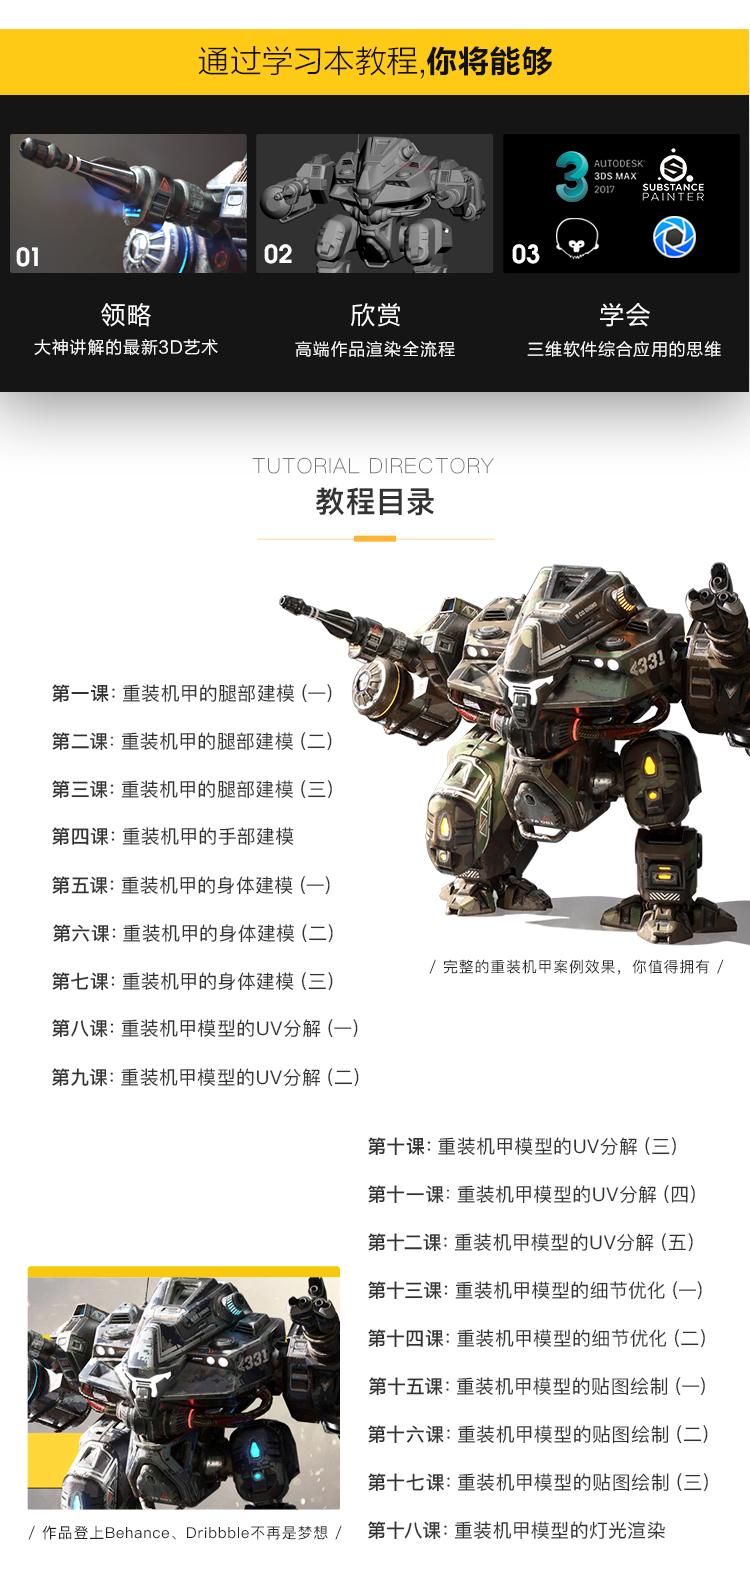 重装机甲移动端_05.jpg